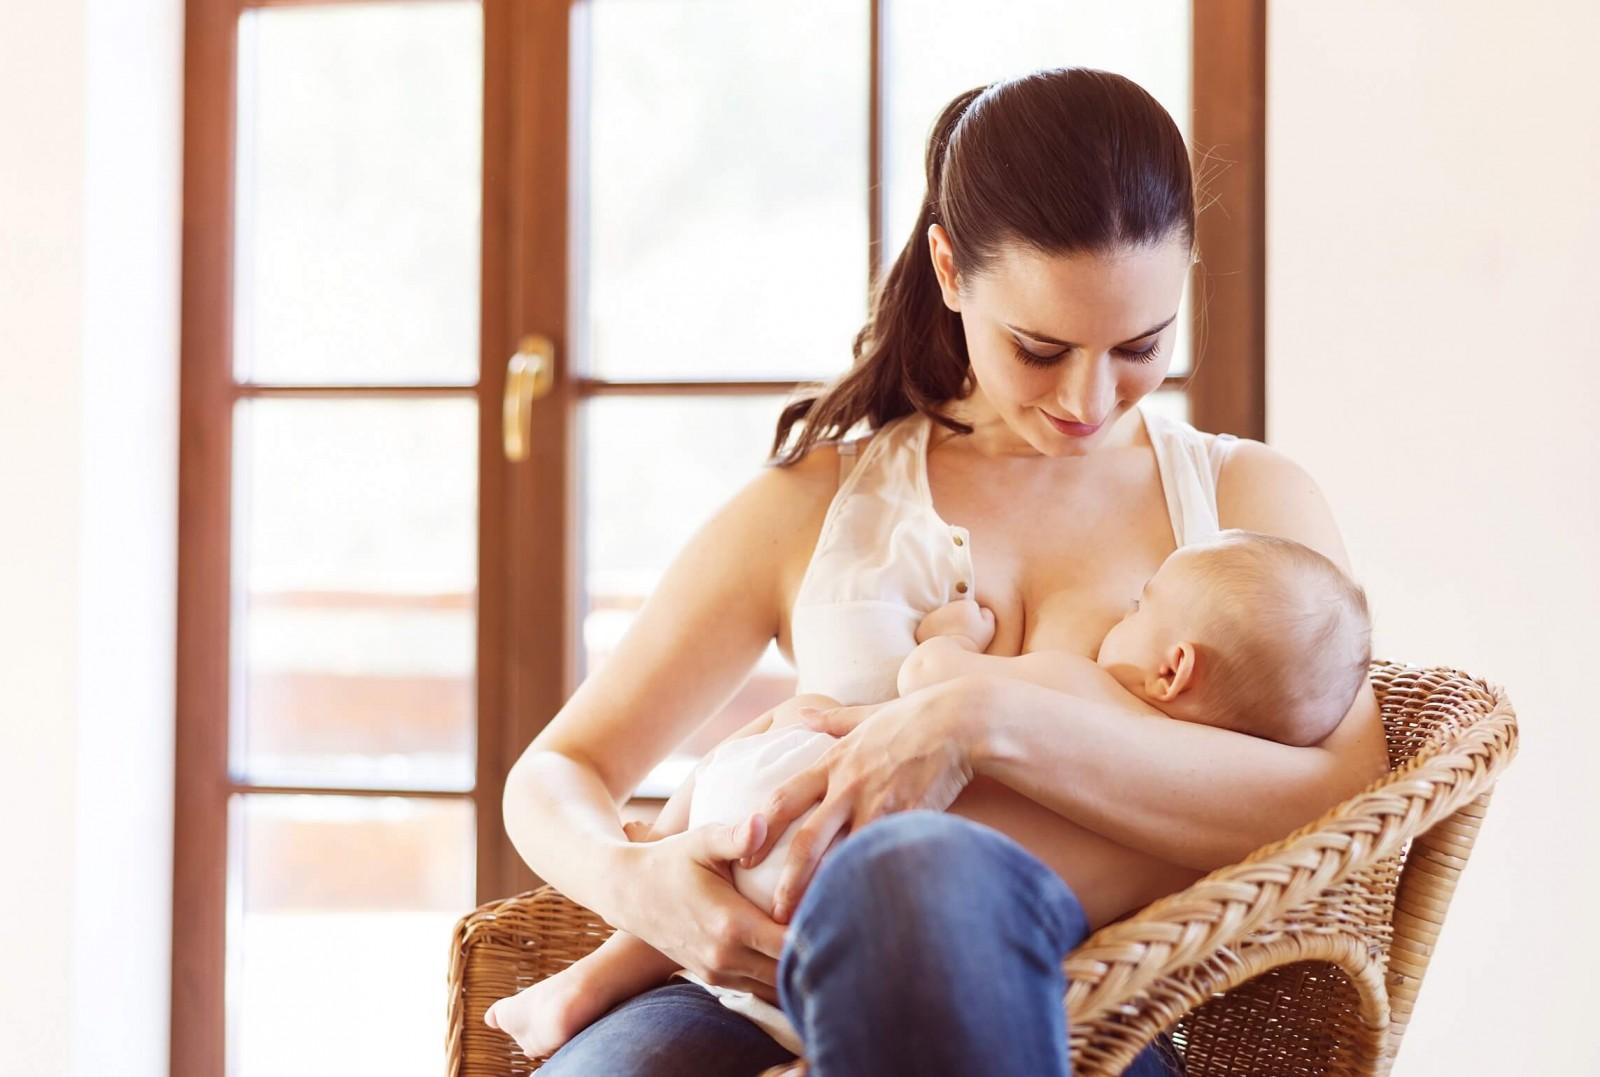 Кормление грудного ребенка - по режиму или по требованию?